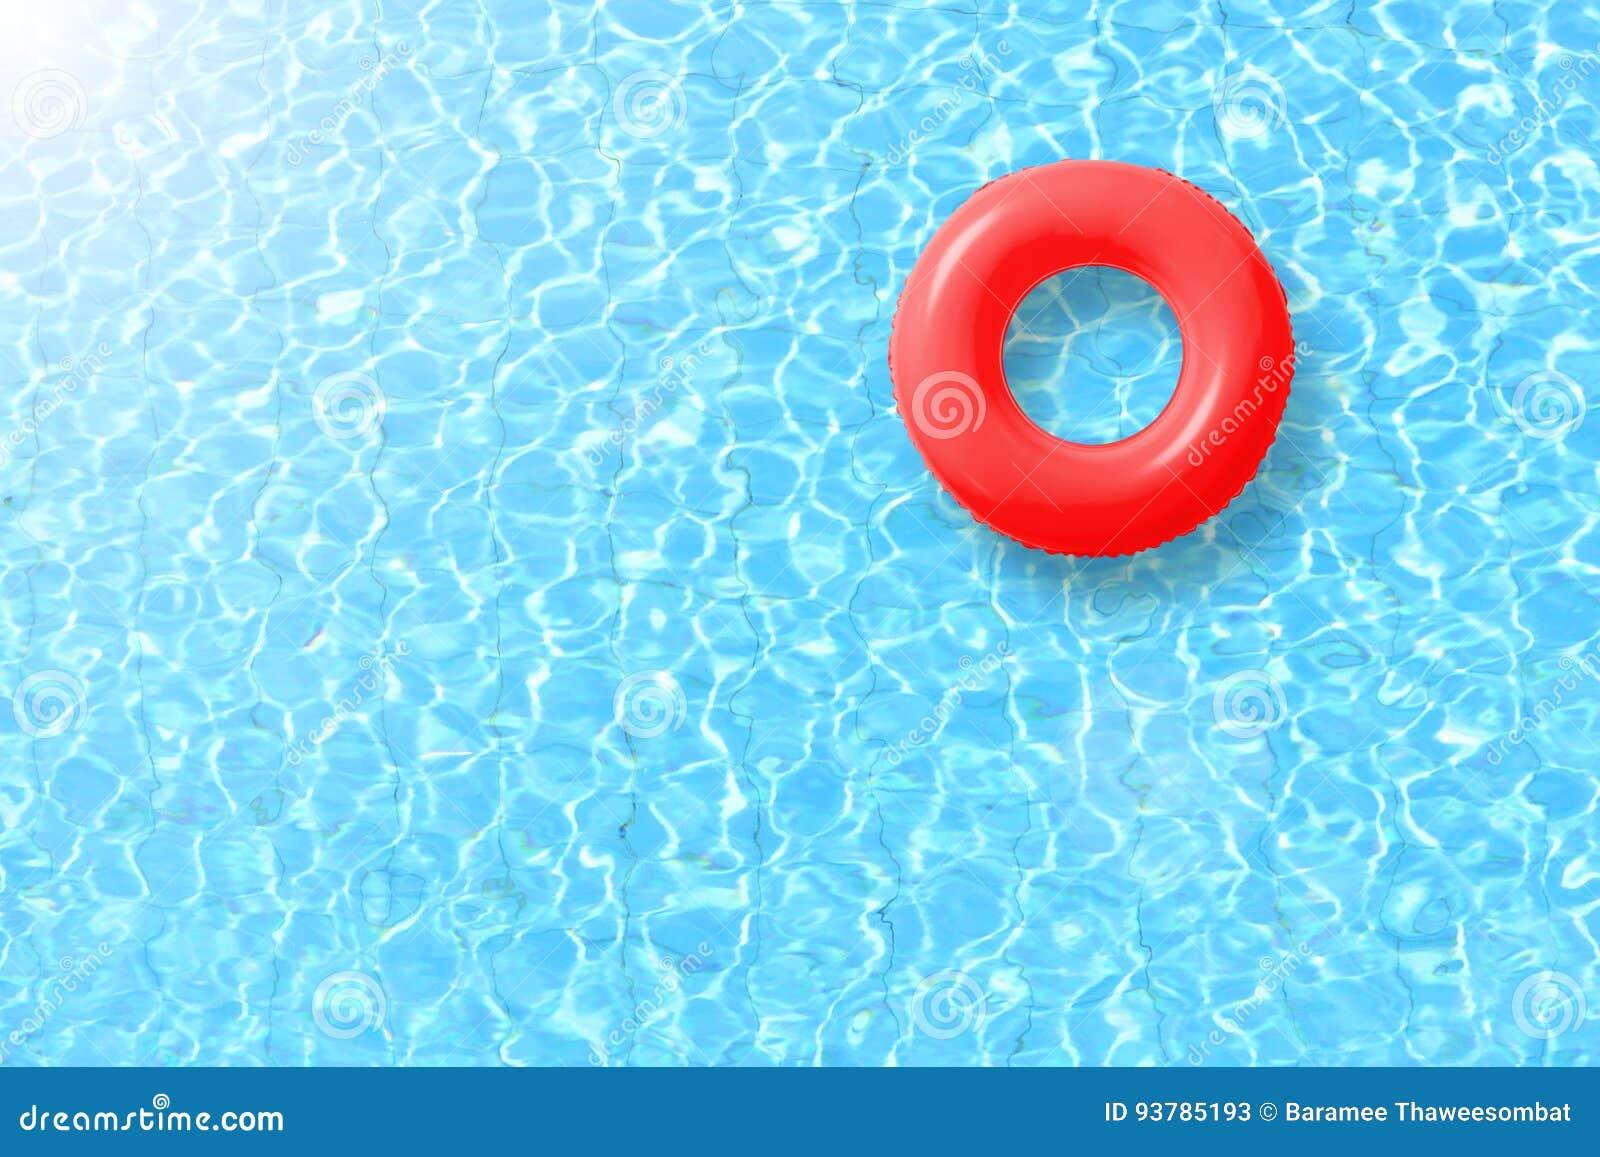 Flotteur rouge d anneau de piscine en eau bleue et soleil lumineux